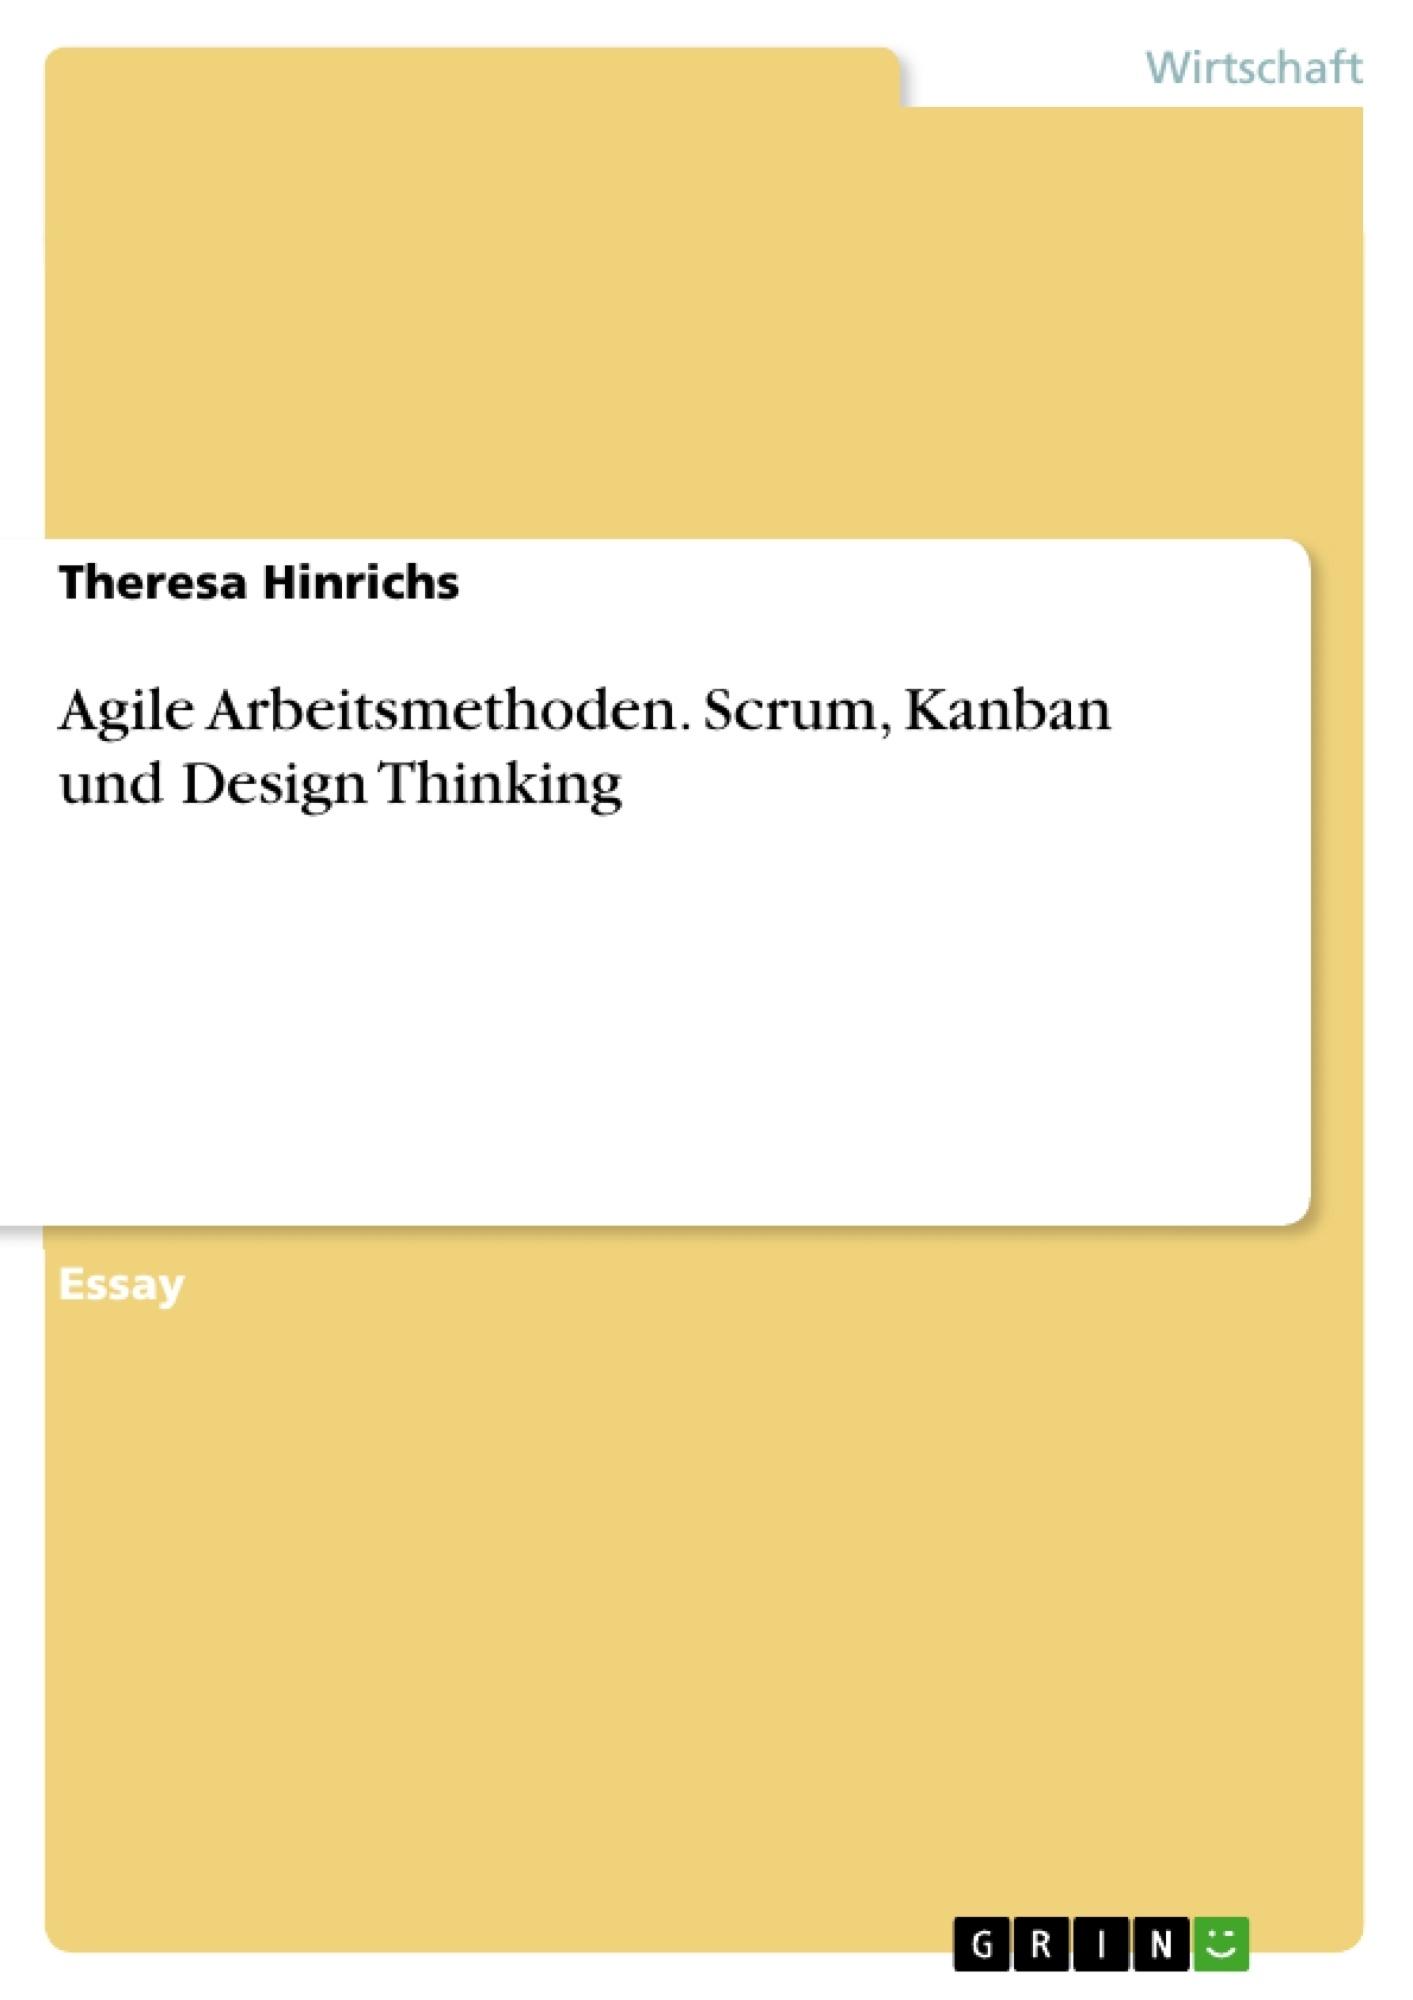 Titel: Agile Arbeitsmethoden. Scrum, Kanban und Design Thinking